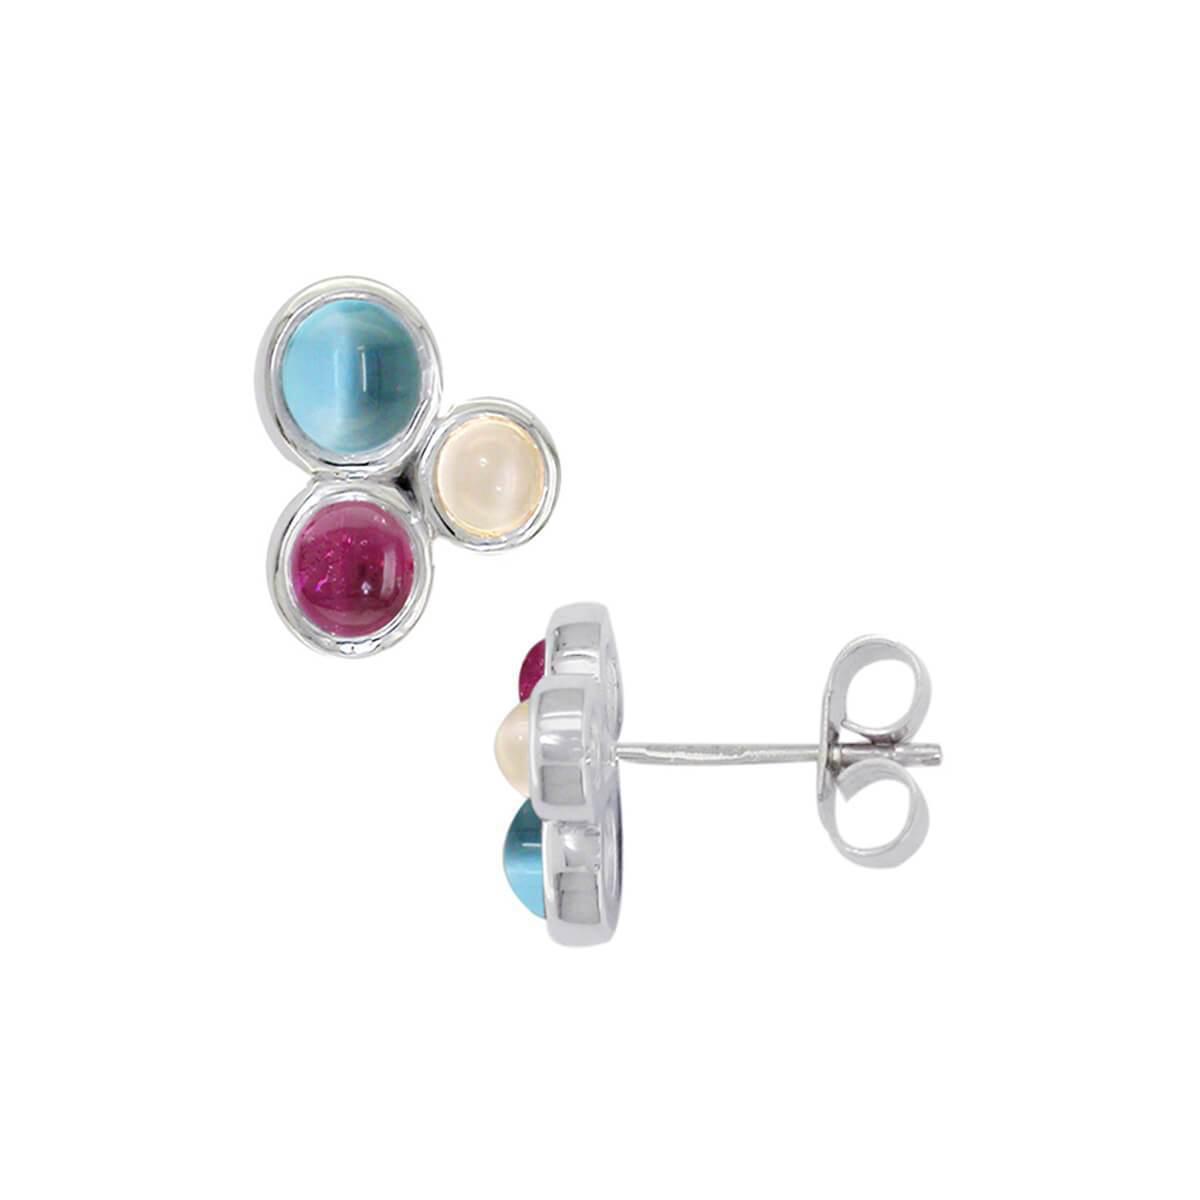 London Road Jewellery White Gold Multi-Gem Earrings NGHMDl